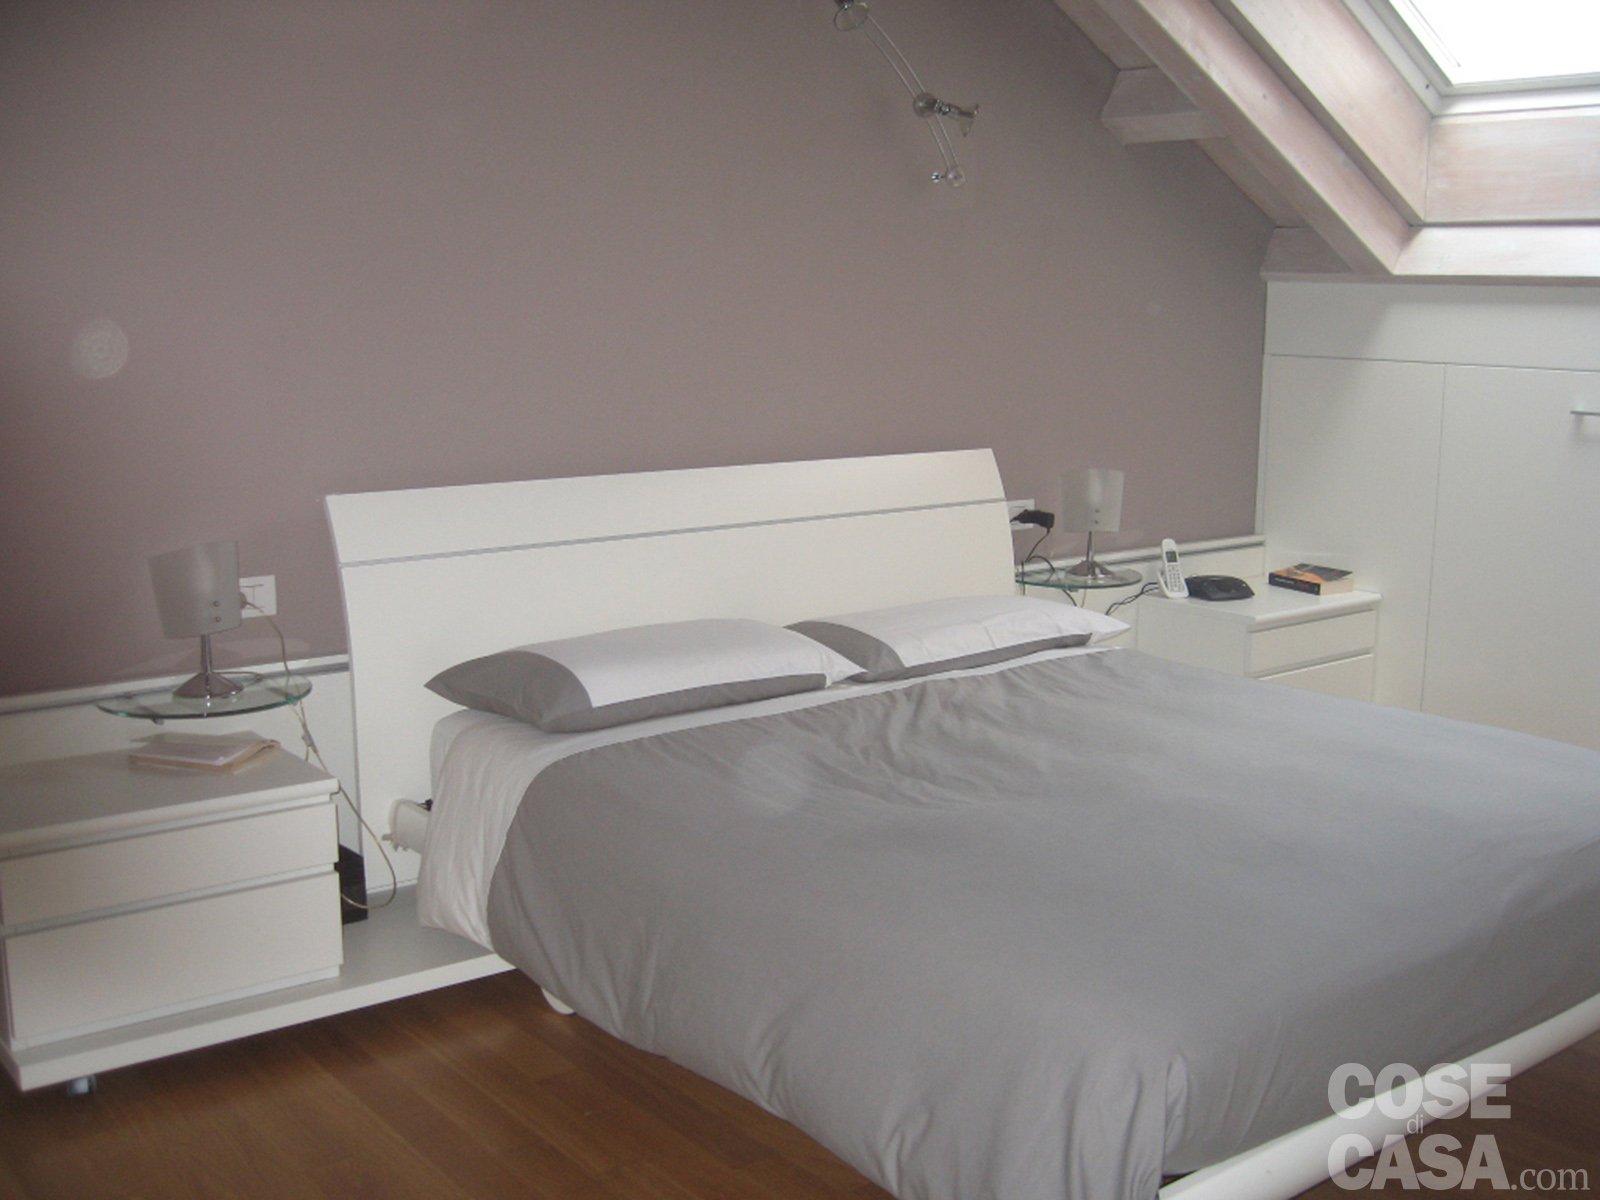 Letto Contenitore Senza Testata Ikea: Quadri camera da letto ...